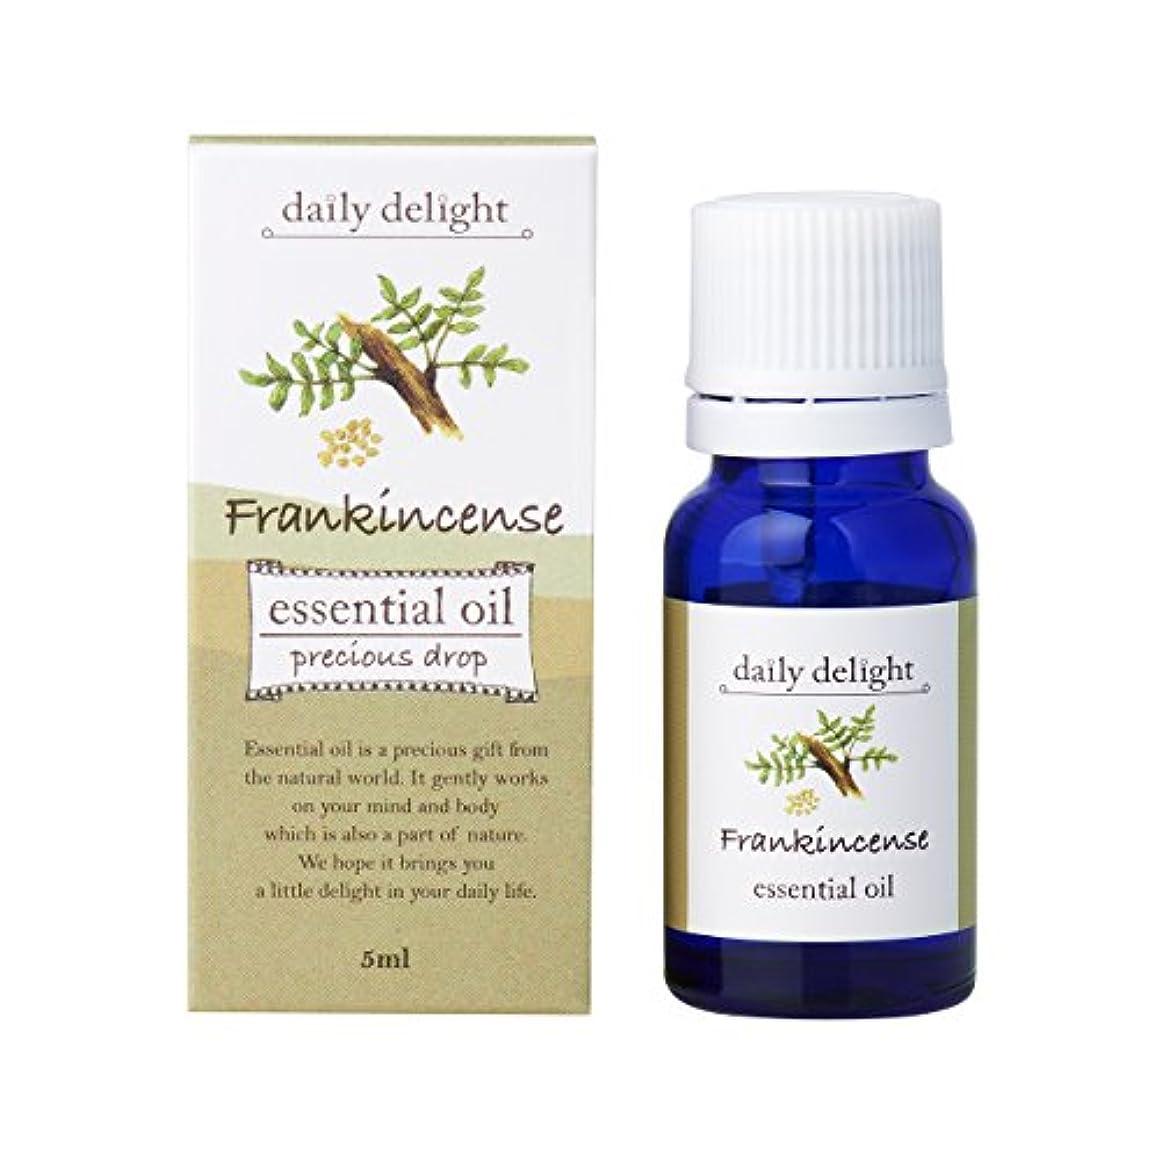 生息地裁判官債務者デイリーディライト エッセンシャルオイル フランキンセンス 5ml(天然100% 精油 アロマ 樹脂系 樹脂から採れるさわやかな木の香り)